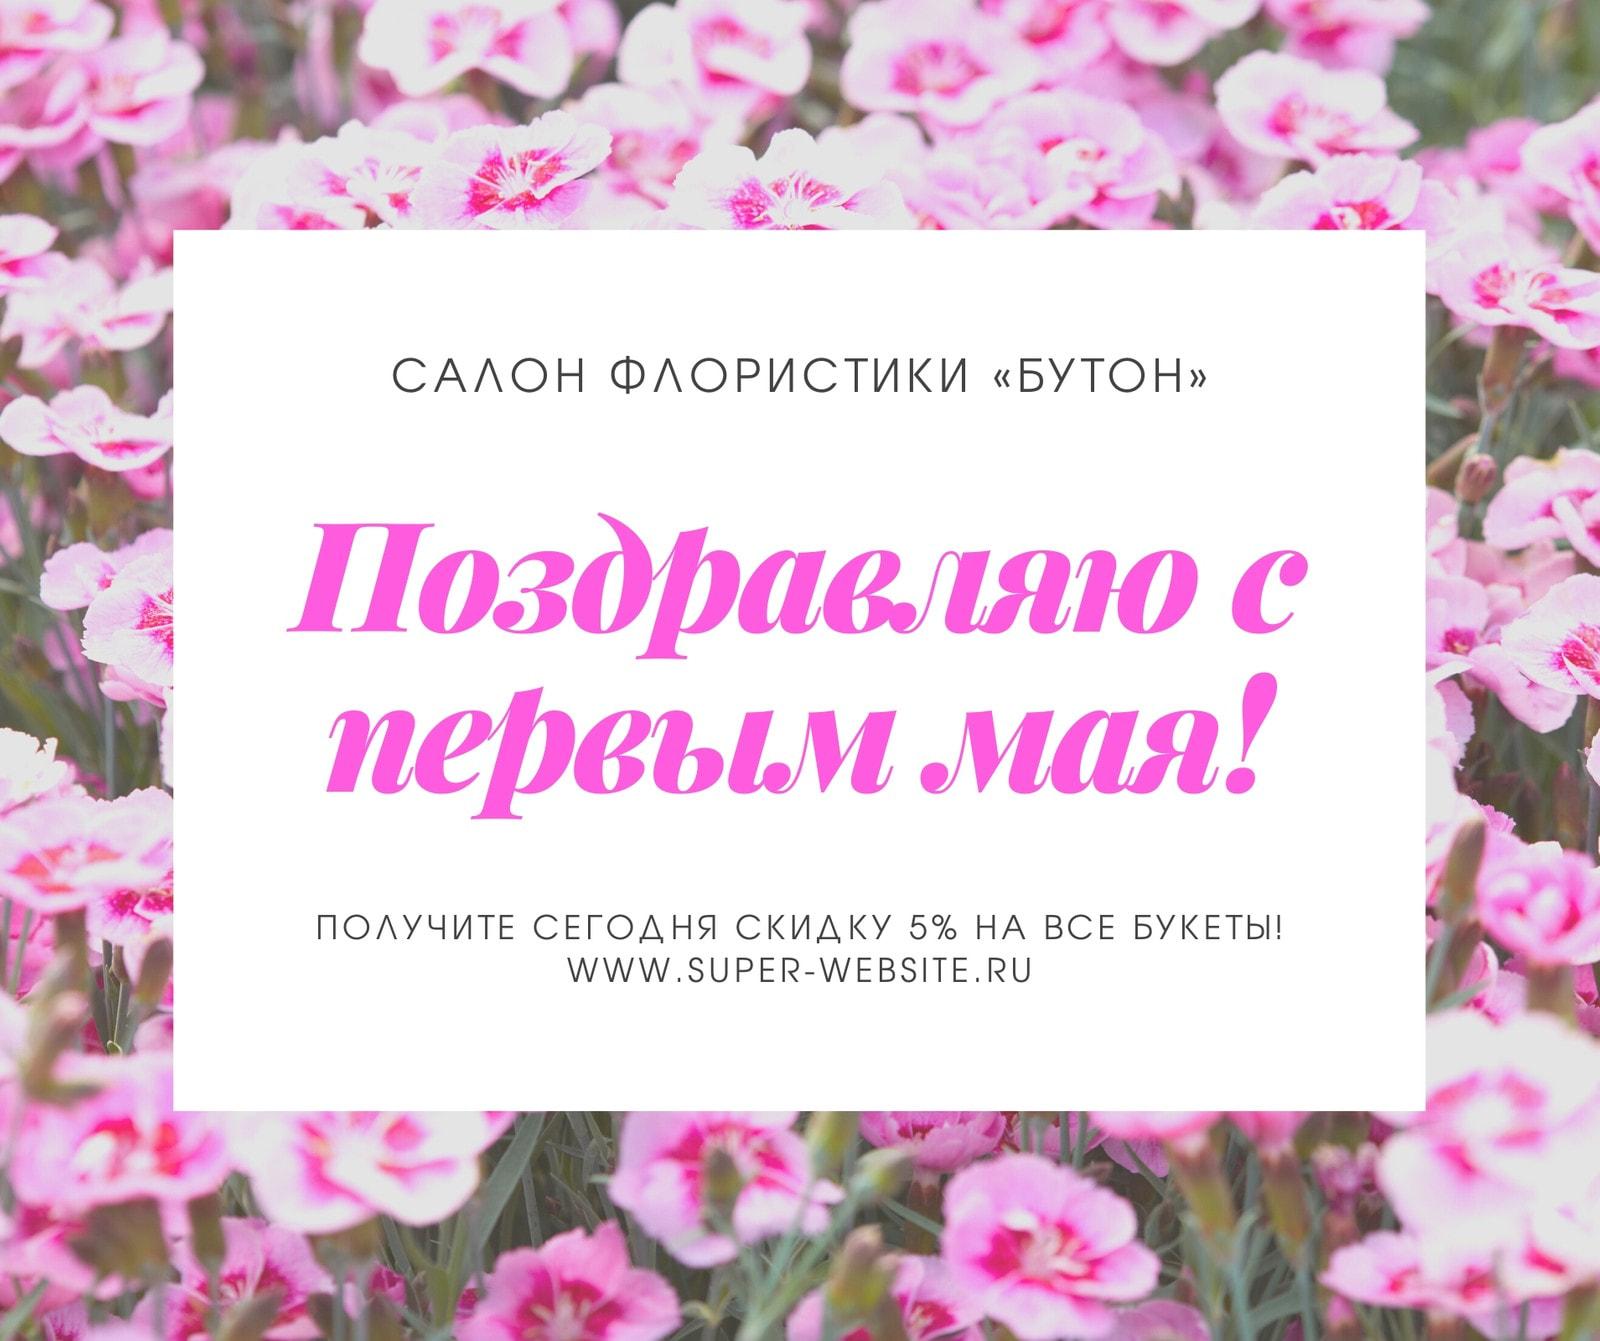 Розовый Белый Граница Цветы 1 Мая Публикация в Facebook